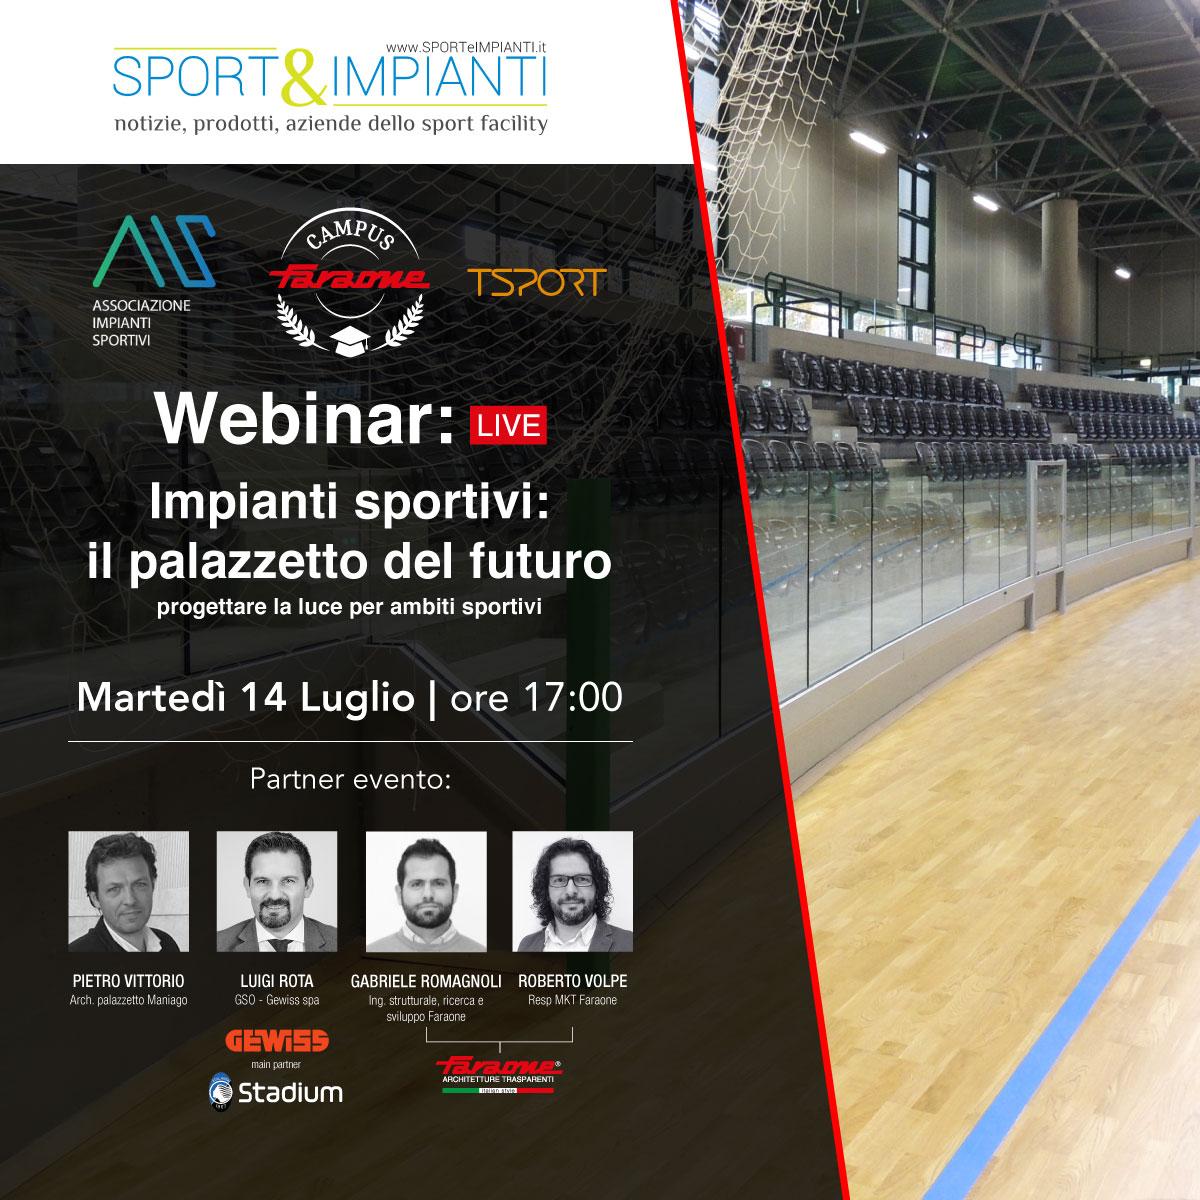 webinar il palazzetto del futuro - faraone sporteimpianti AIS